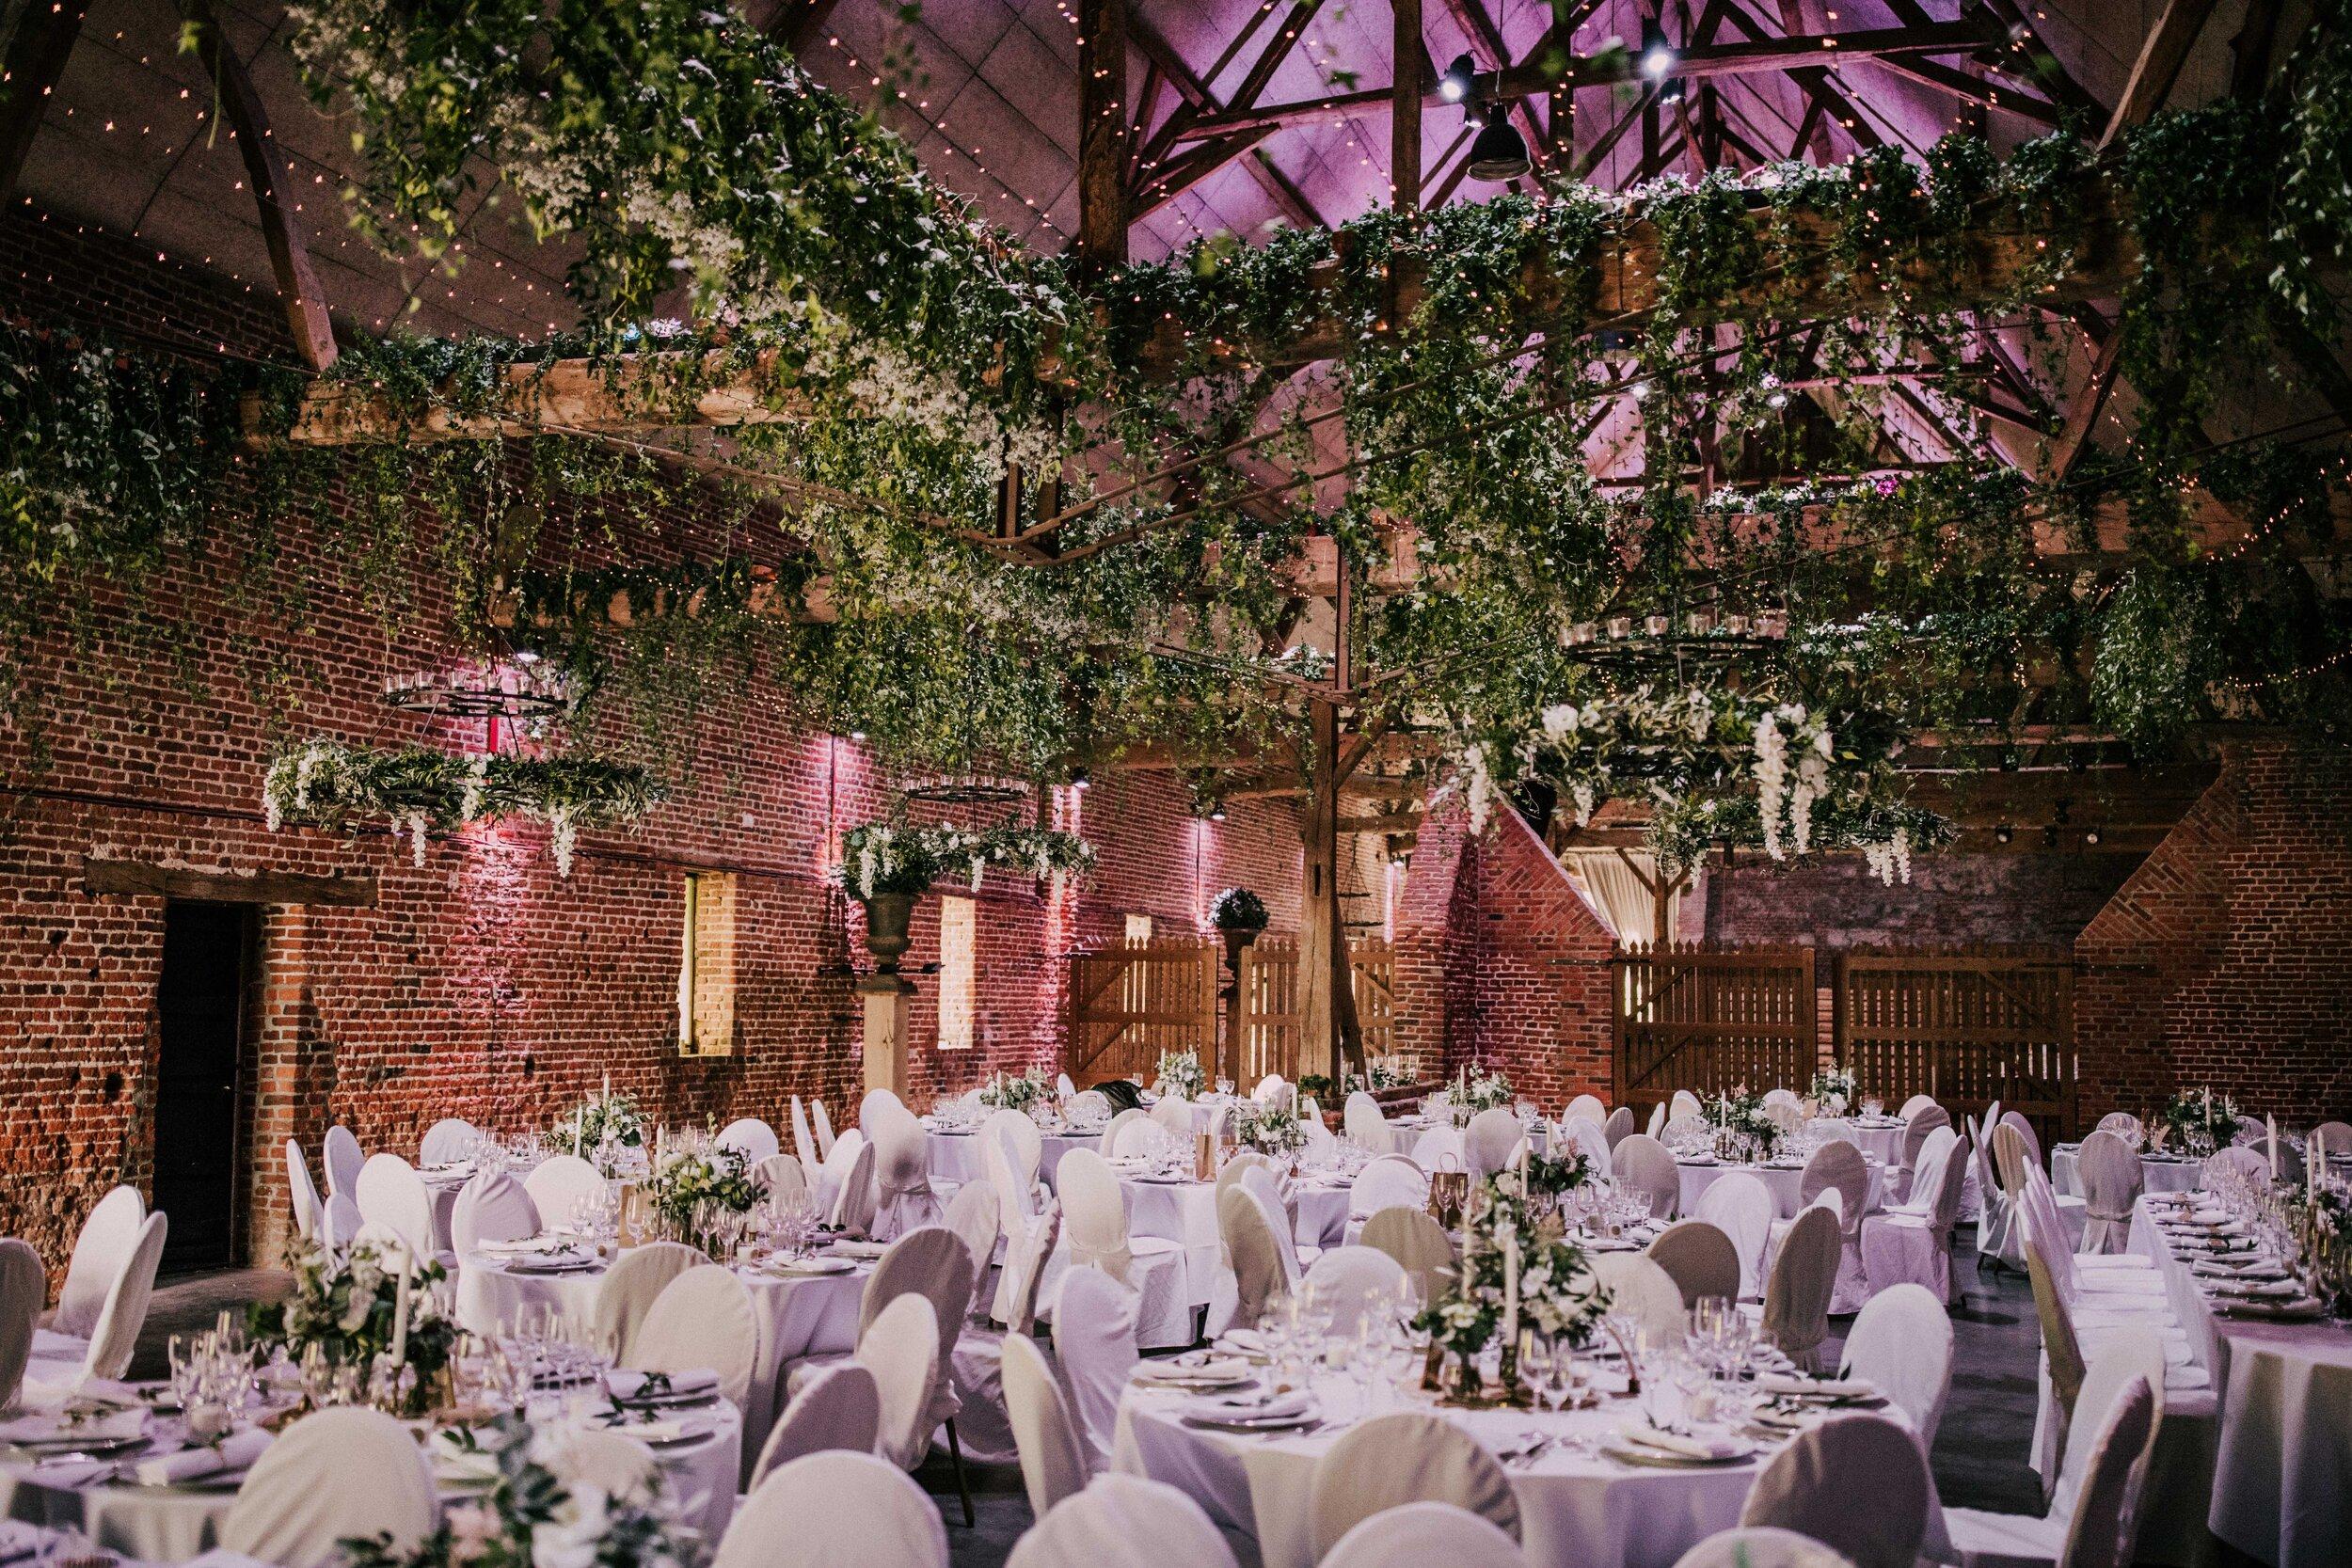 La Grange - Surface : 500 m2Réception : de 50 à 800 personnesDiner assis : de 50 à 500 personnesDiner assis et soirée dansante : de 50 à 350 personnesSoirée dansante : de 50 à 600 personnes